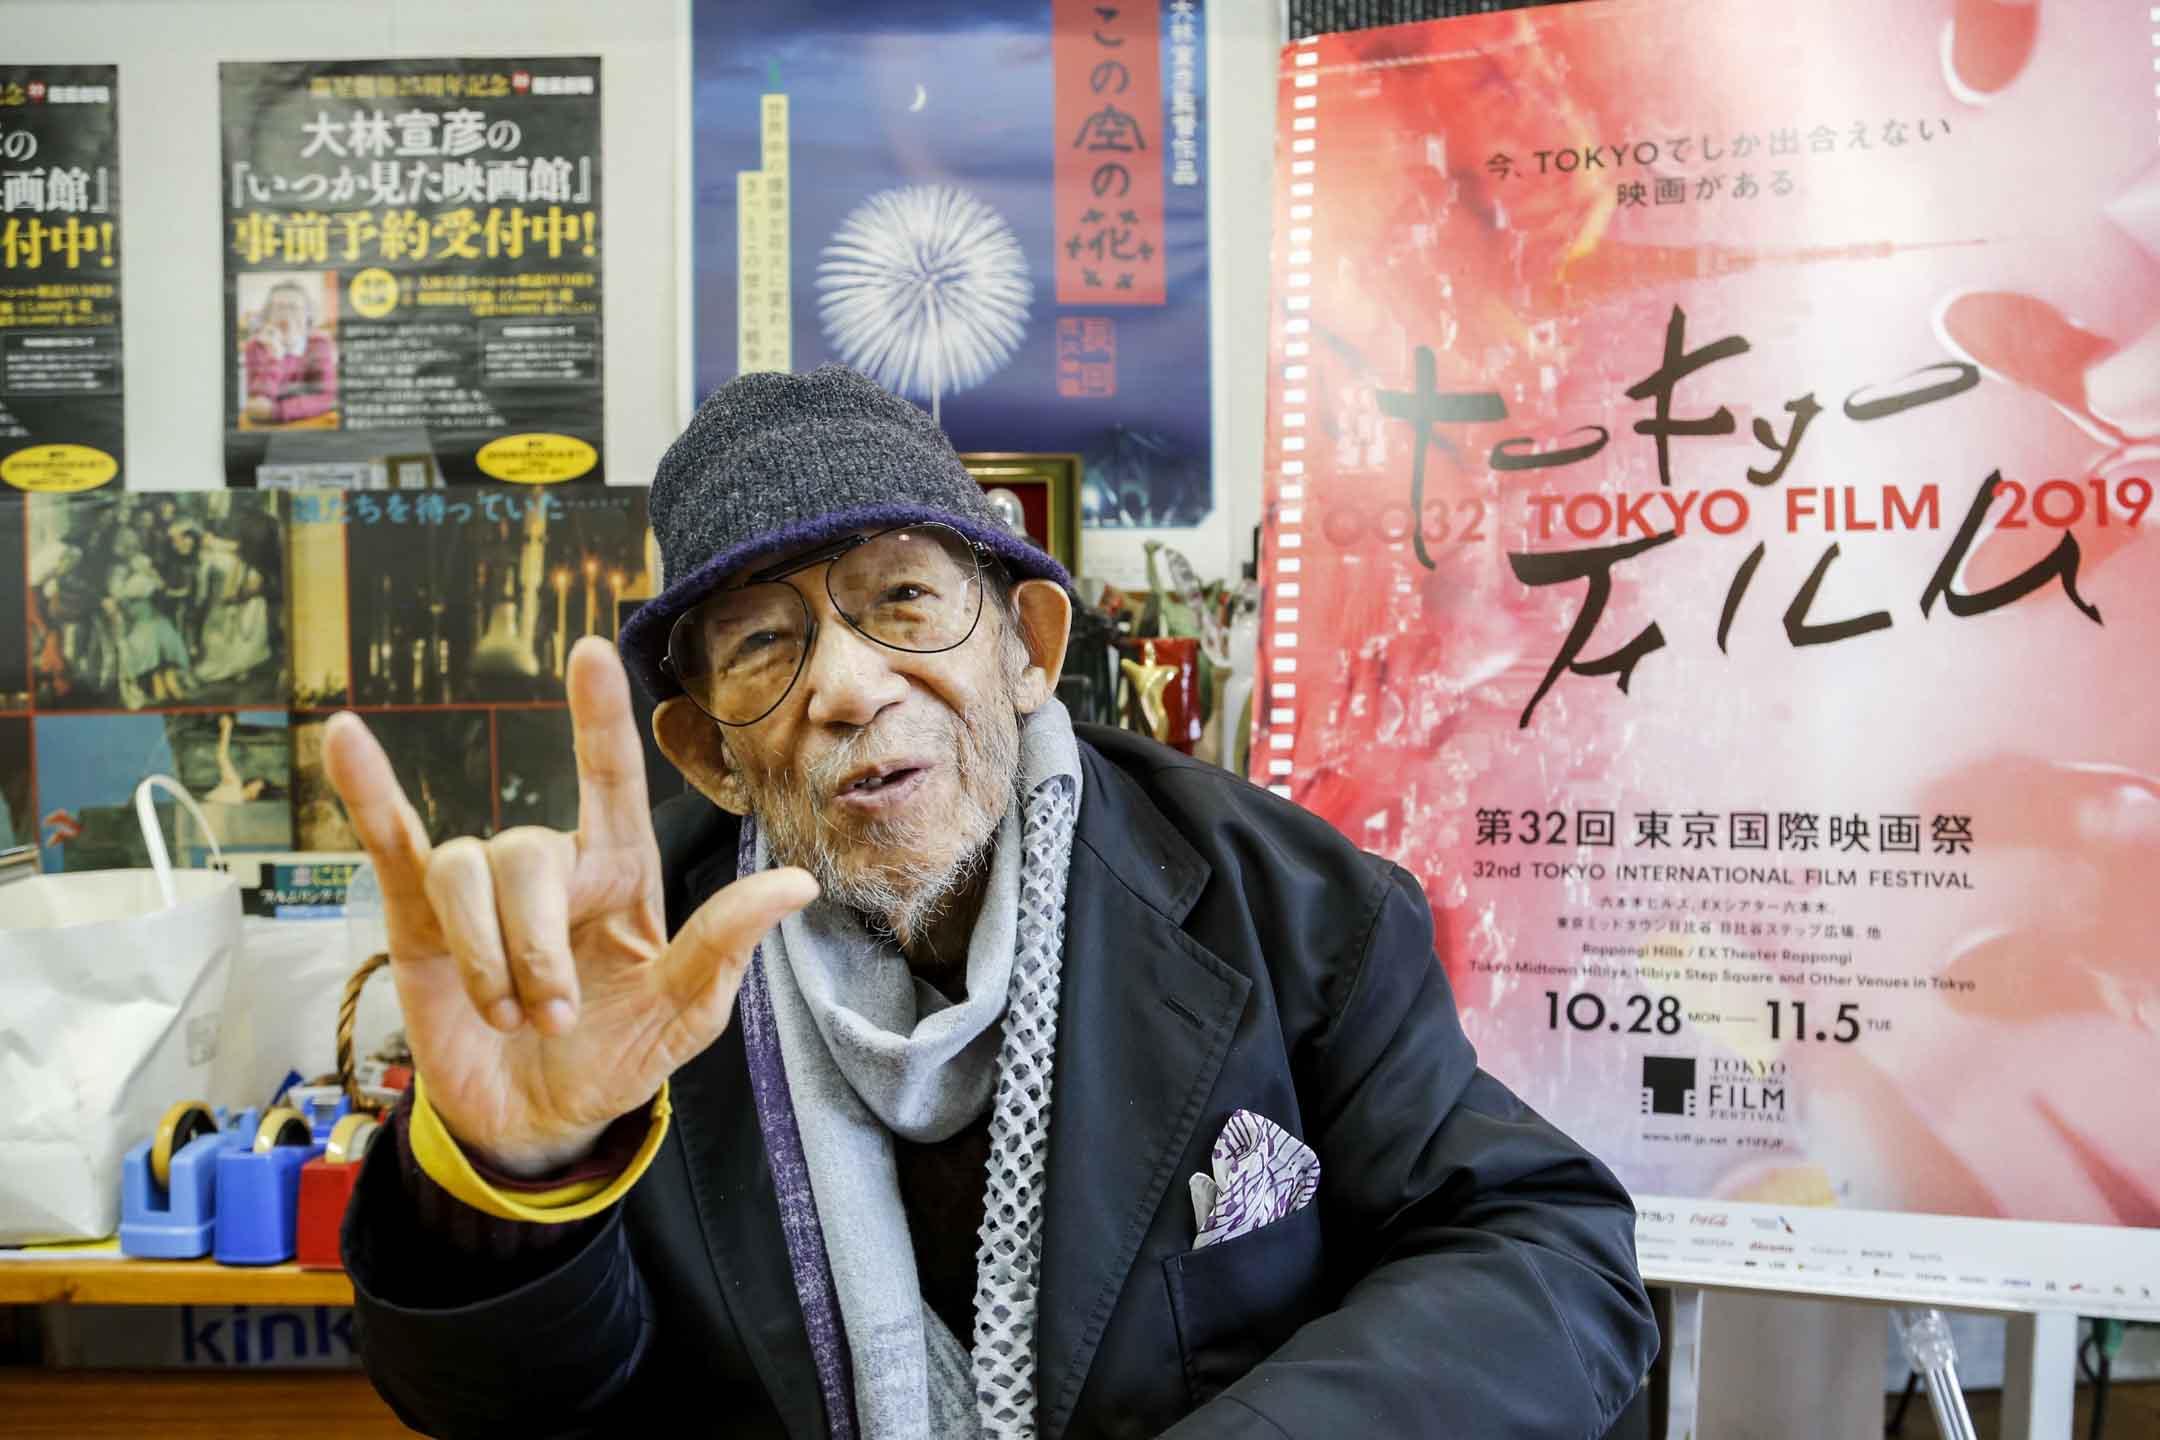 日本導演大林宣彥因肺癌病逝。圖為2019年10月11日,小林信彥在東京工作室接受採訪時舉起手語`「我愛你」以強調這是他電影中的重要信息 。 攝:Yuri Kageyama/AP/達志影像